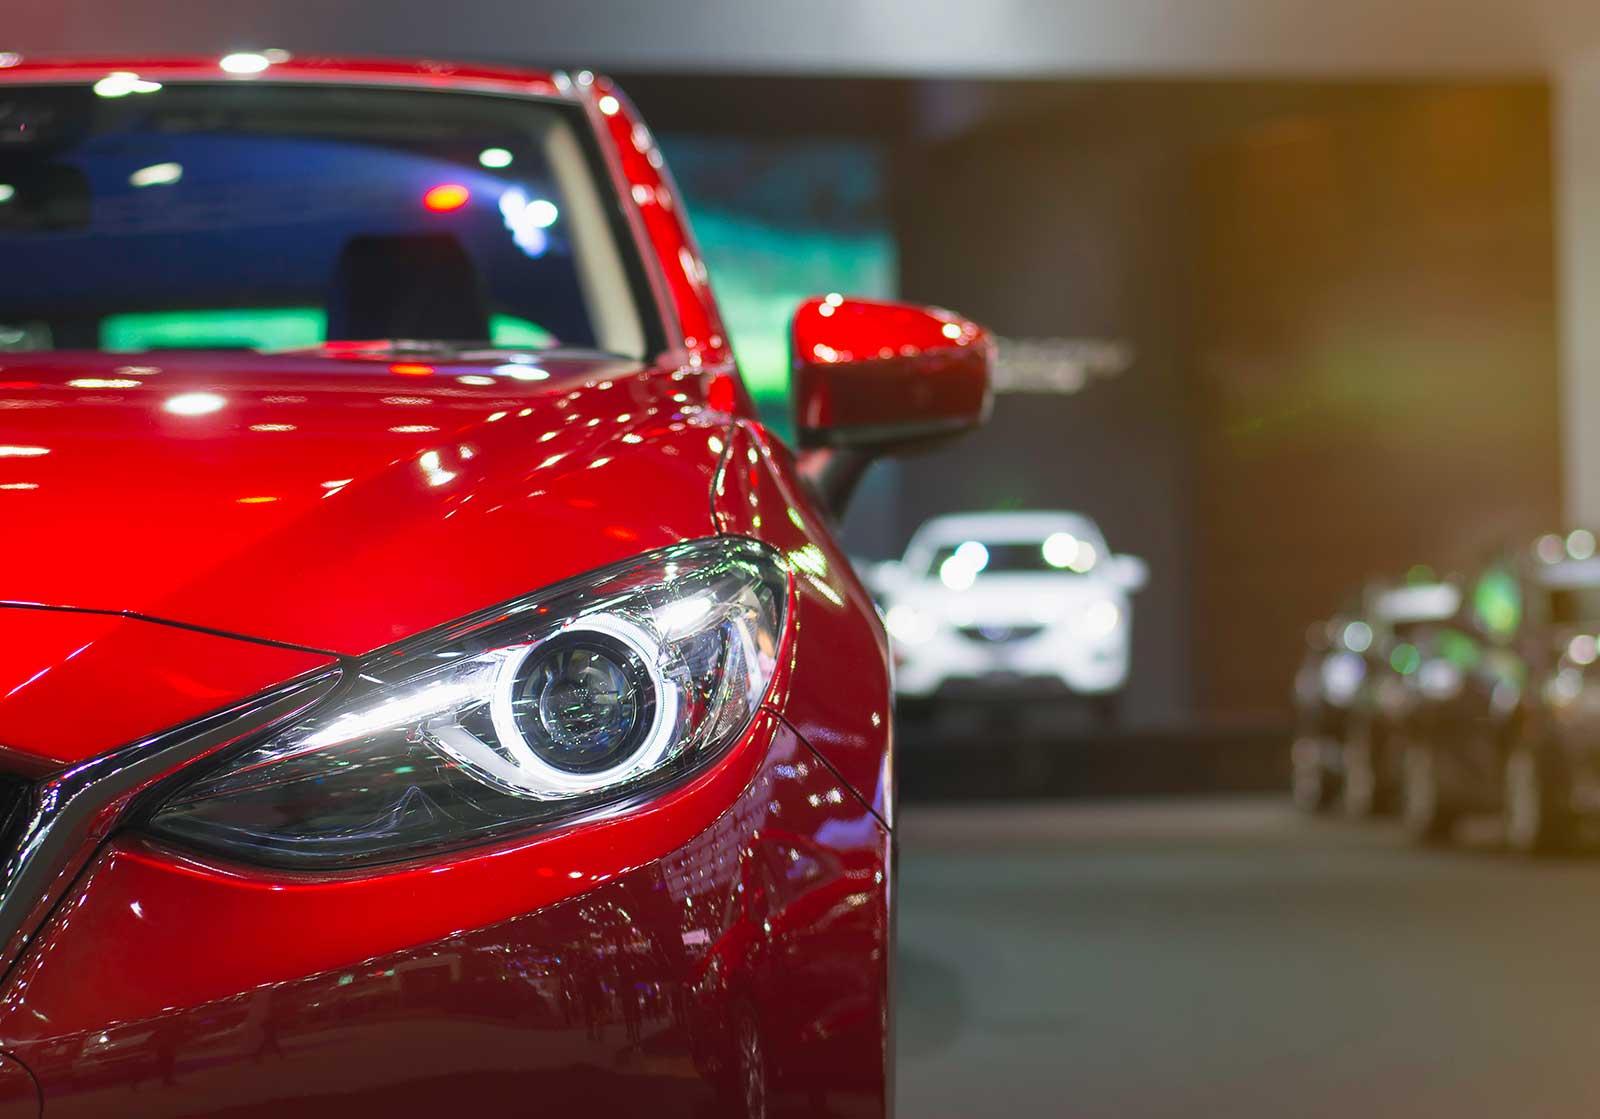 Какими преимуществами обладают светодиодные лампочки для автомобилей?